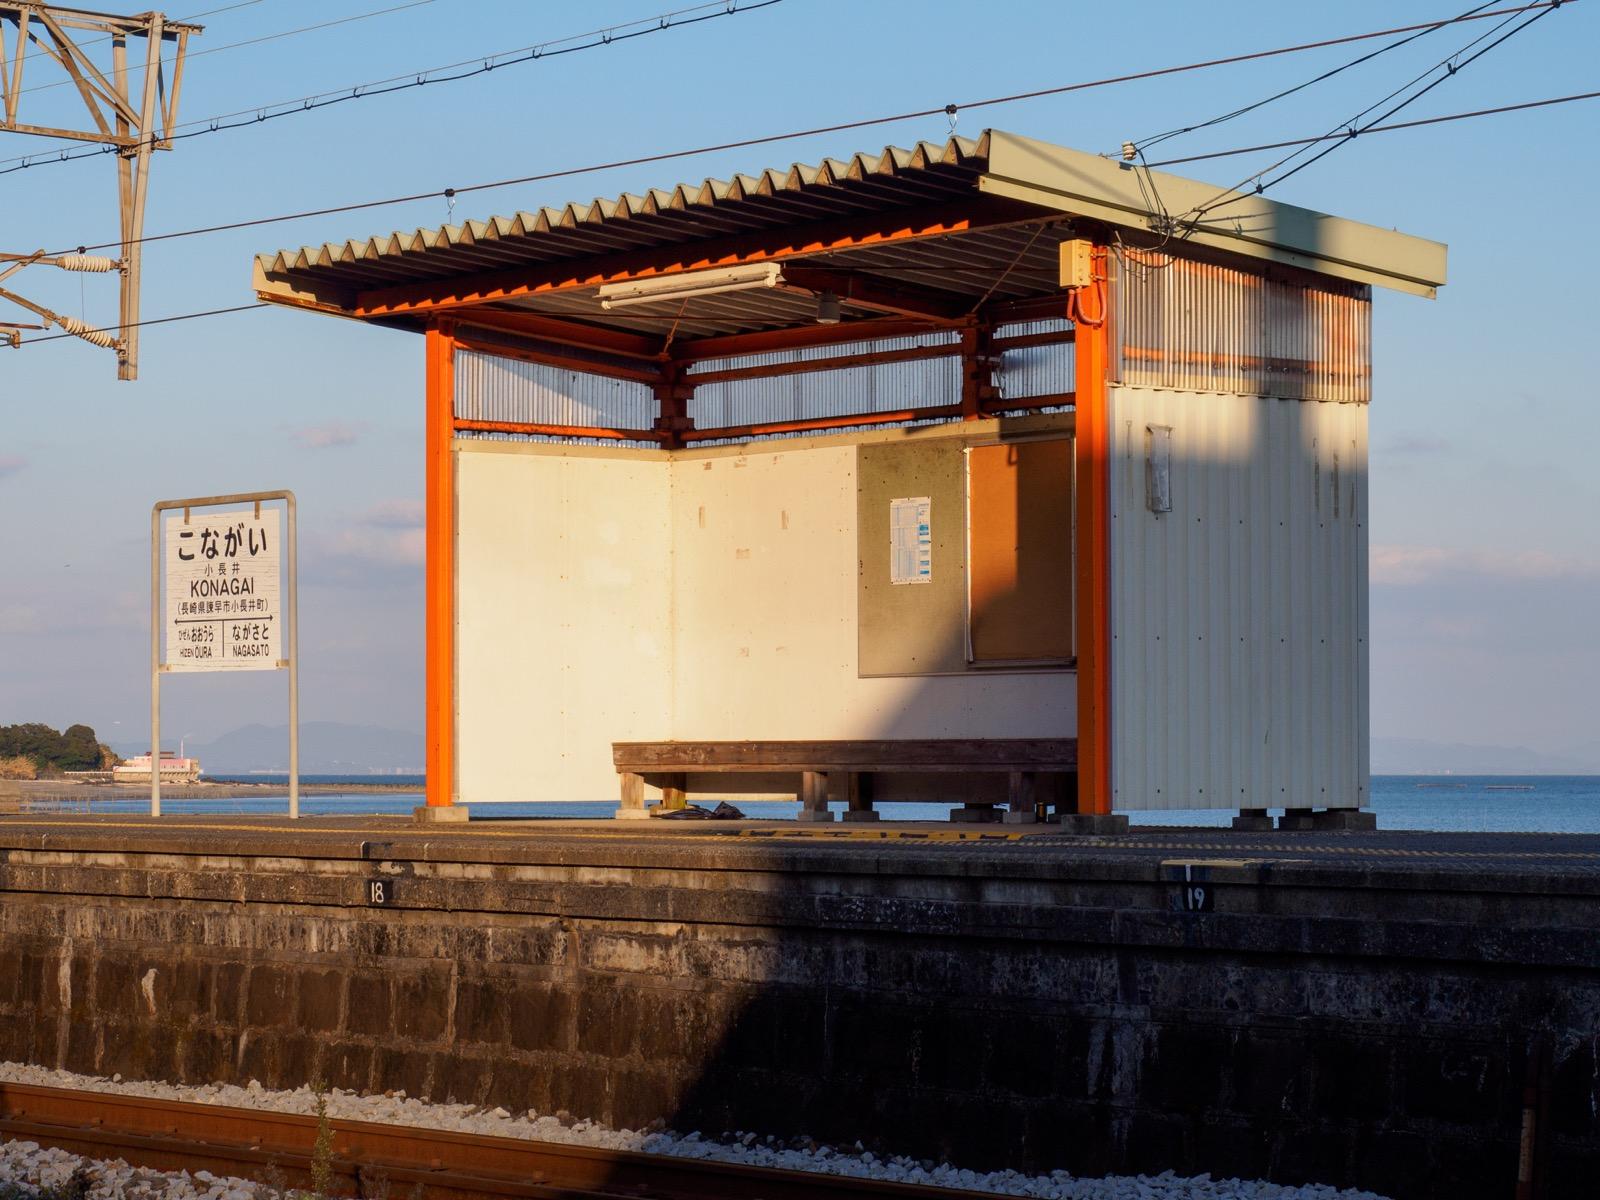 小長井駅の駅名標とベンチ